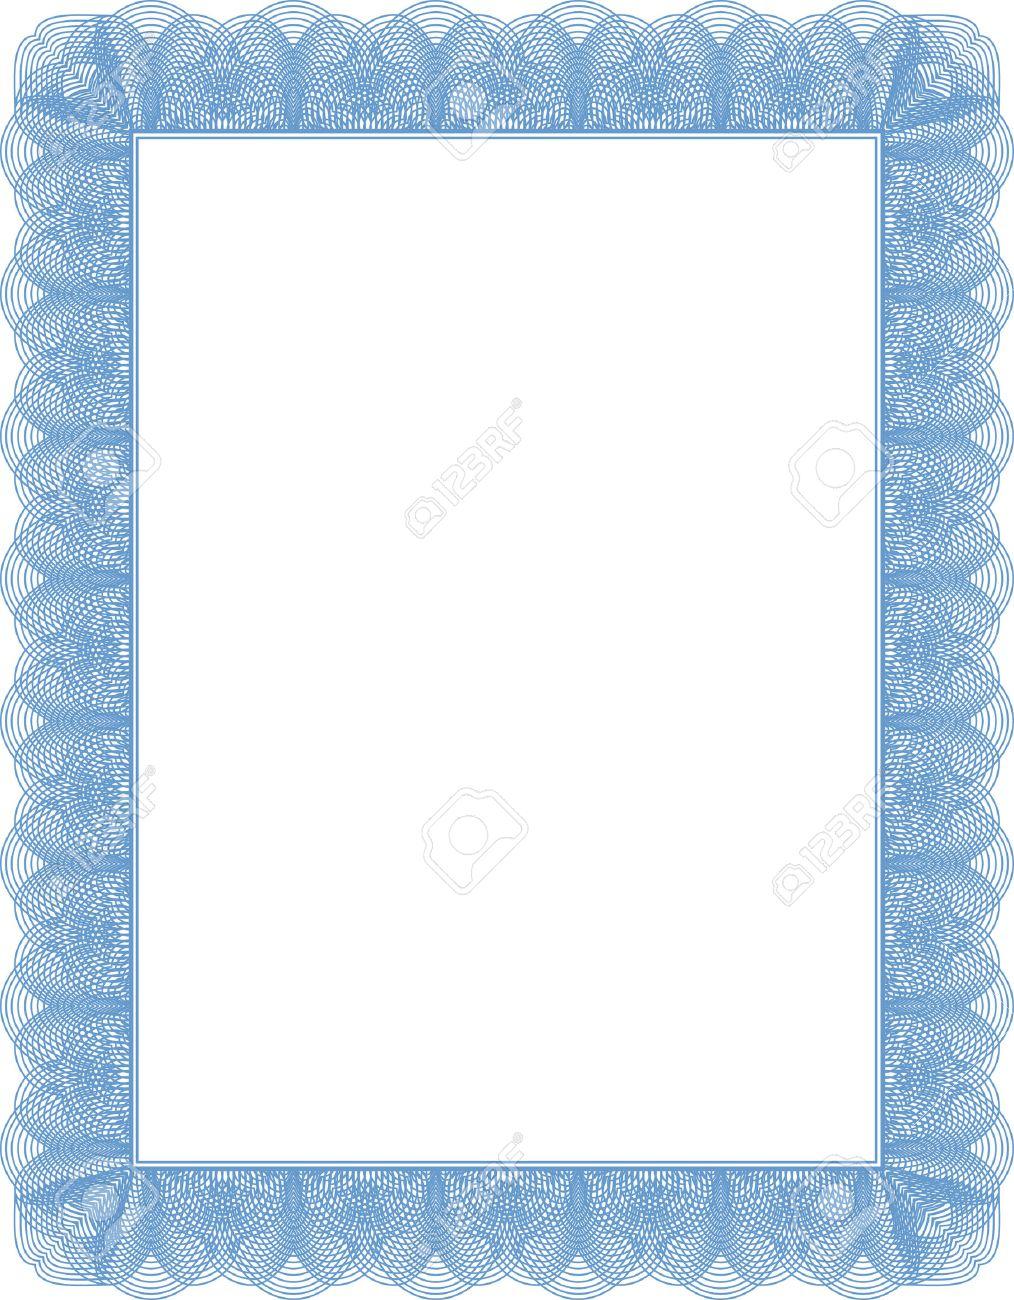 Diplom Zertifikatvorlage, Leere Dokument Fertig Ausgefüllt Werden ...